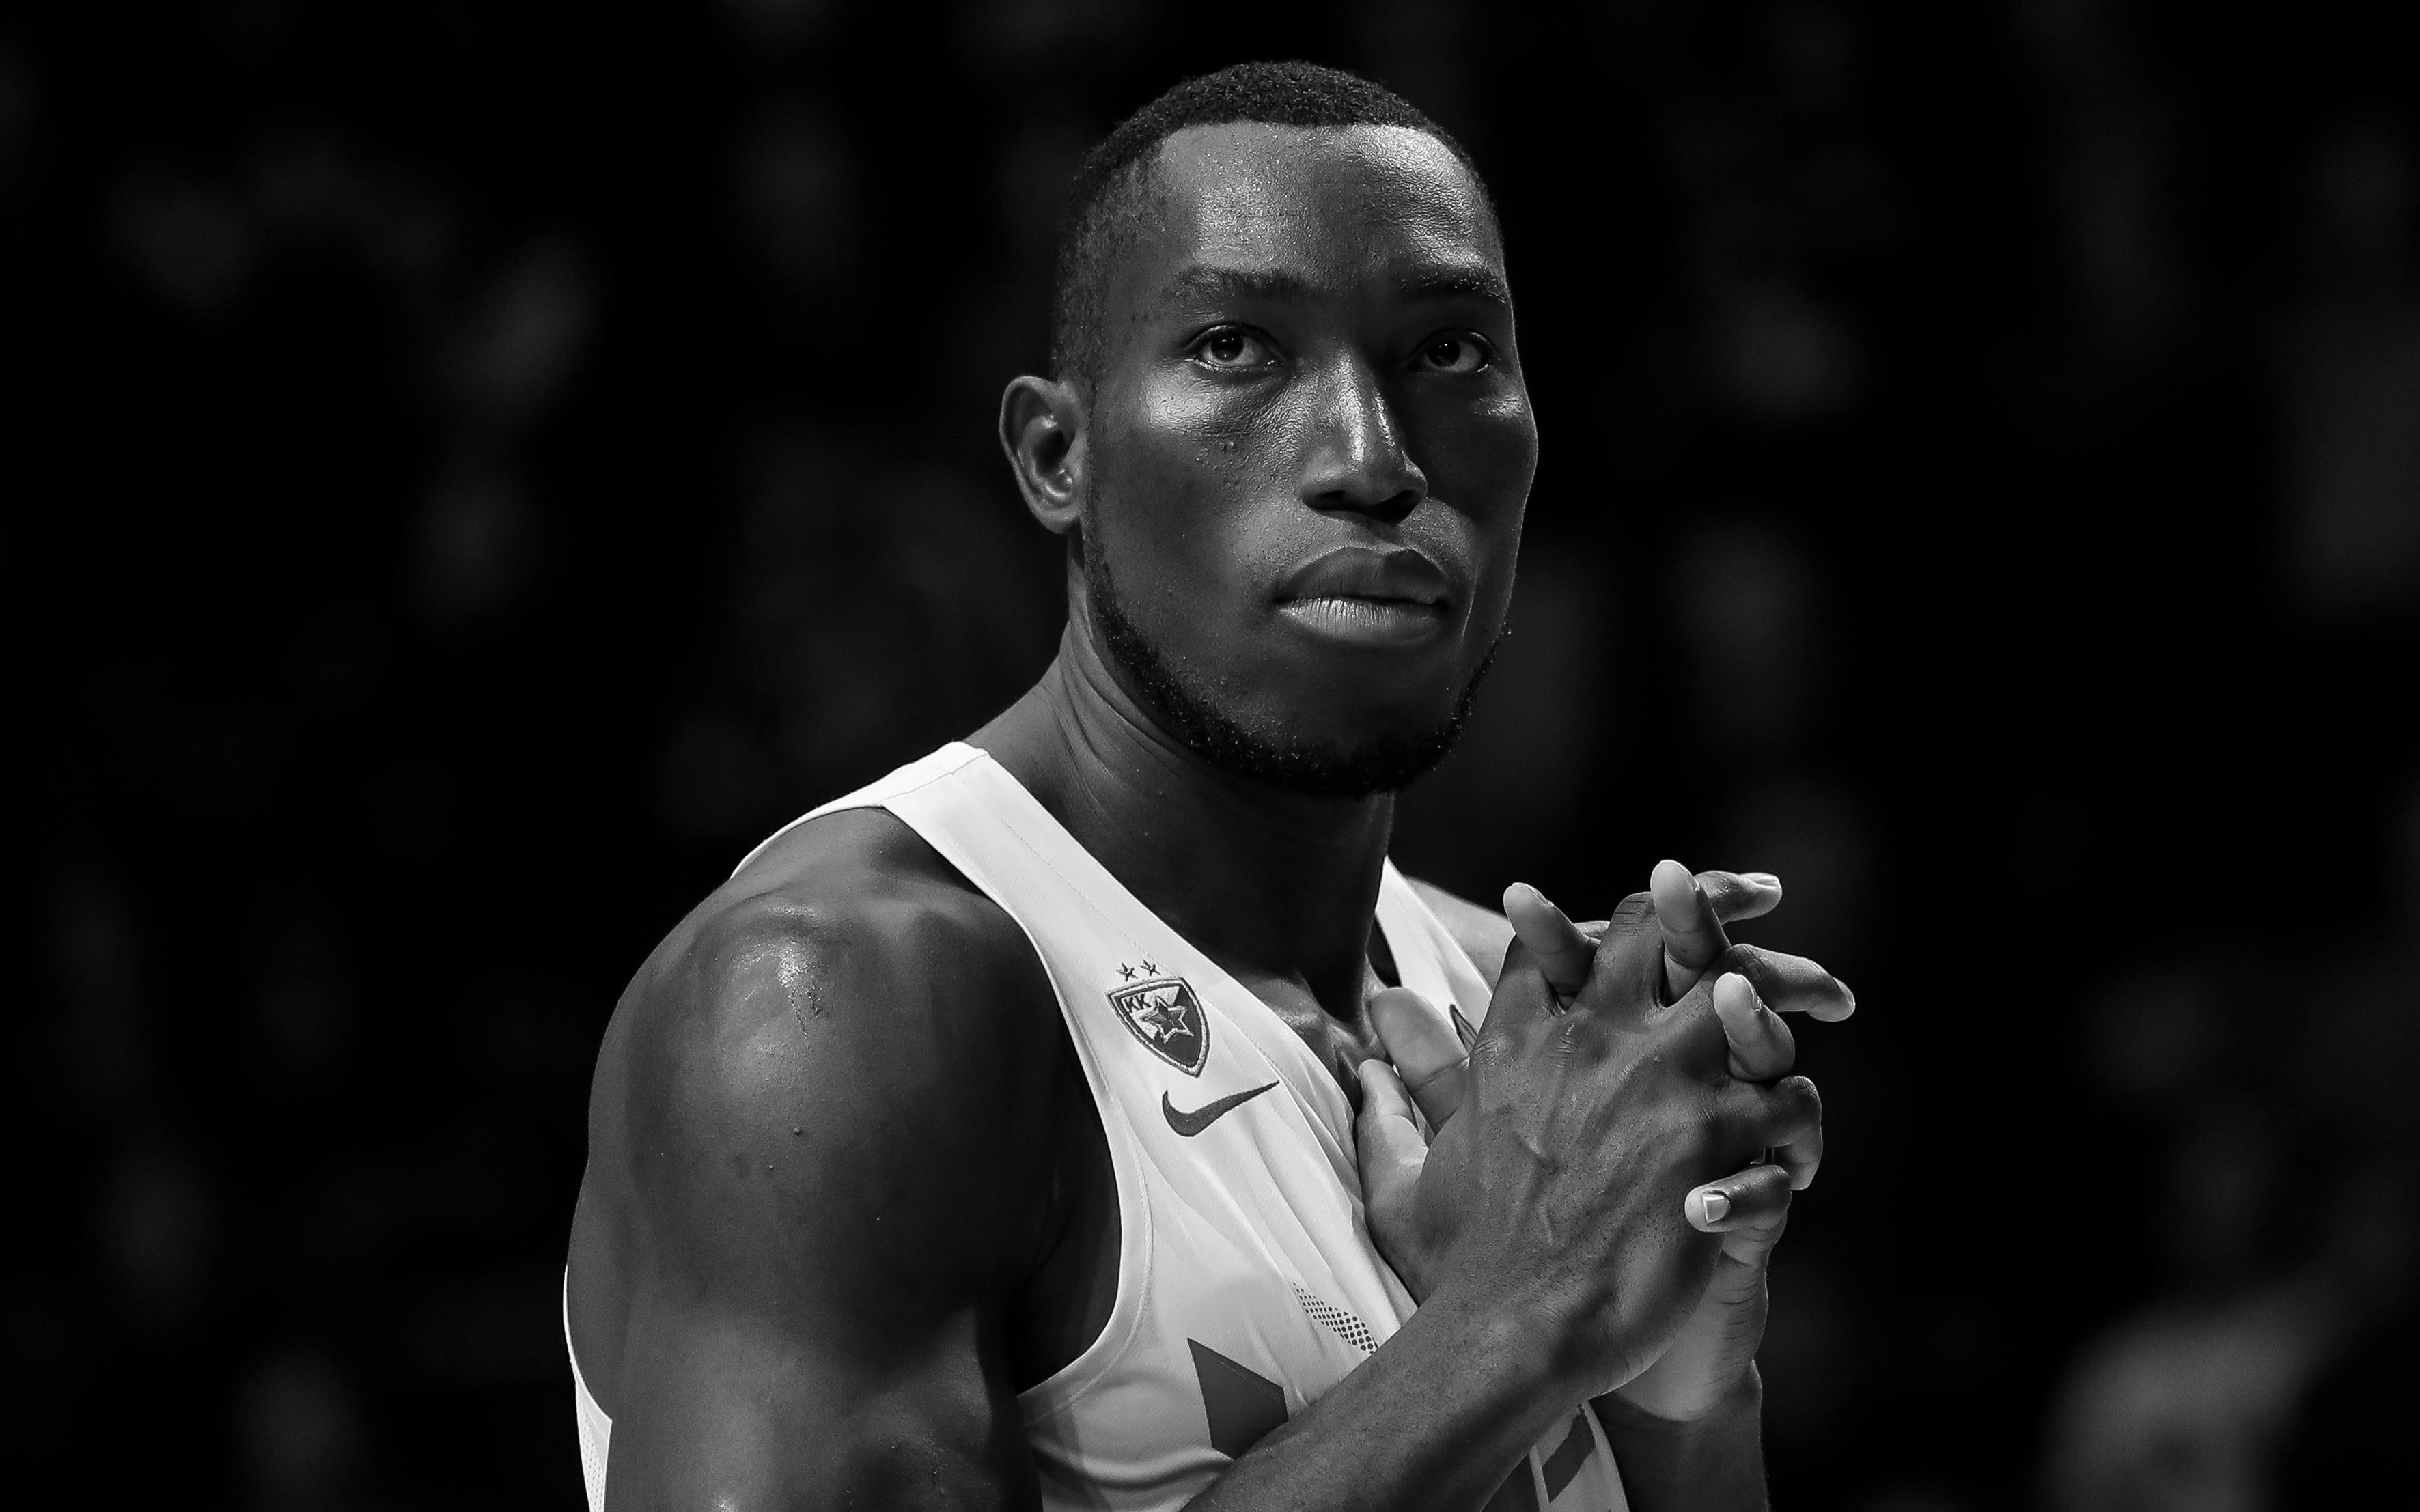 Đột quỵ trên sân tập, cựu sao bóng rổ đại học Mỹ qua đời thương tâm ở tuổi 27